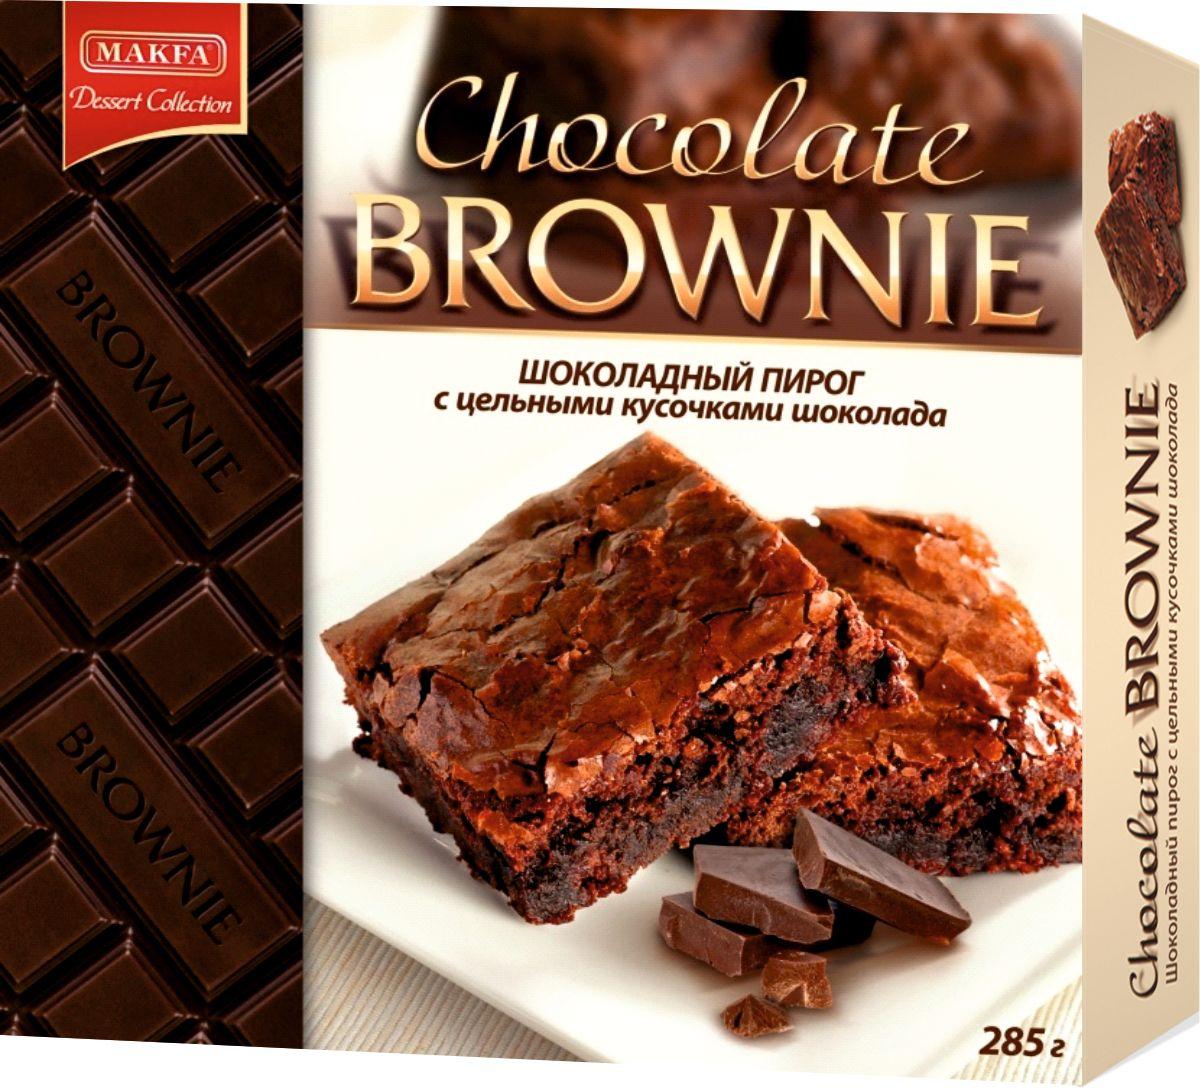 Makfa Dessert Collection пирог бисквитный с кусочками шоколада, 285 г70484Его тающая структура, плотная и легкая одновременно, дарит поистине незабываемый вкус темного шоколада, который дополняют и подчеркивают цельные кусочки шоколада.